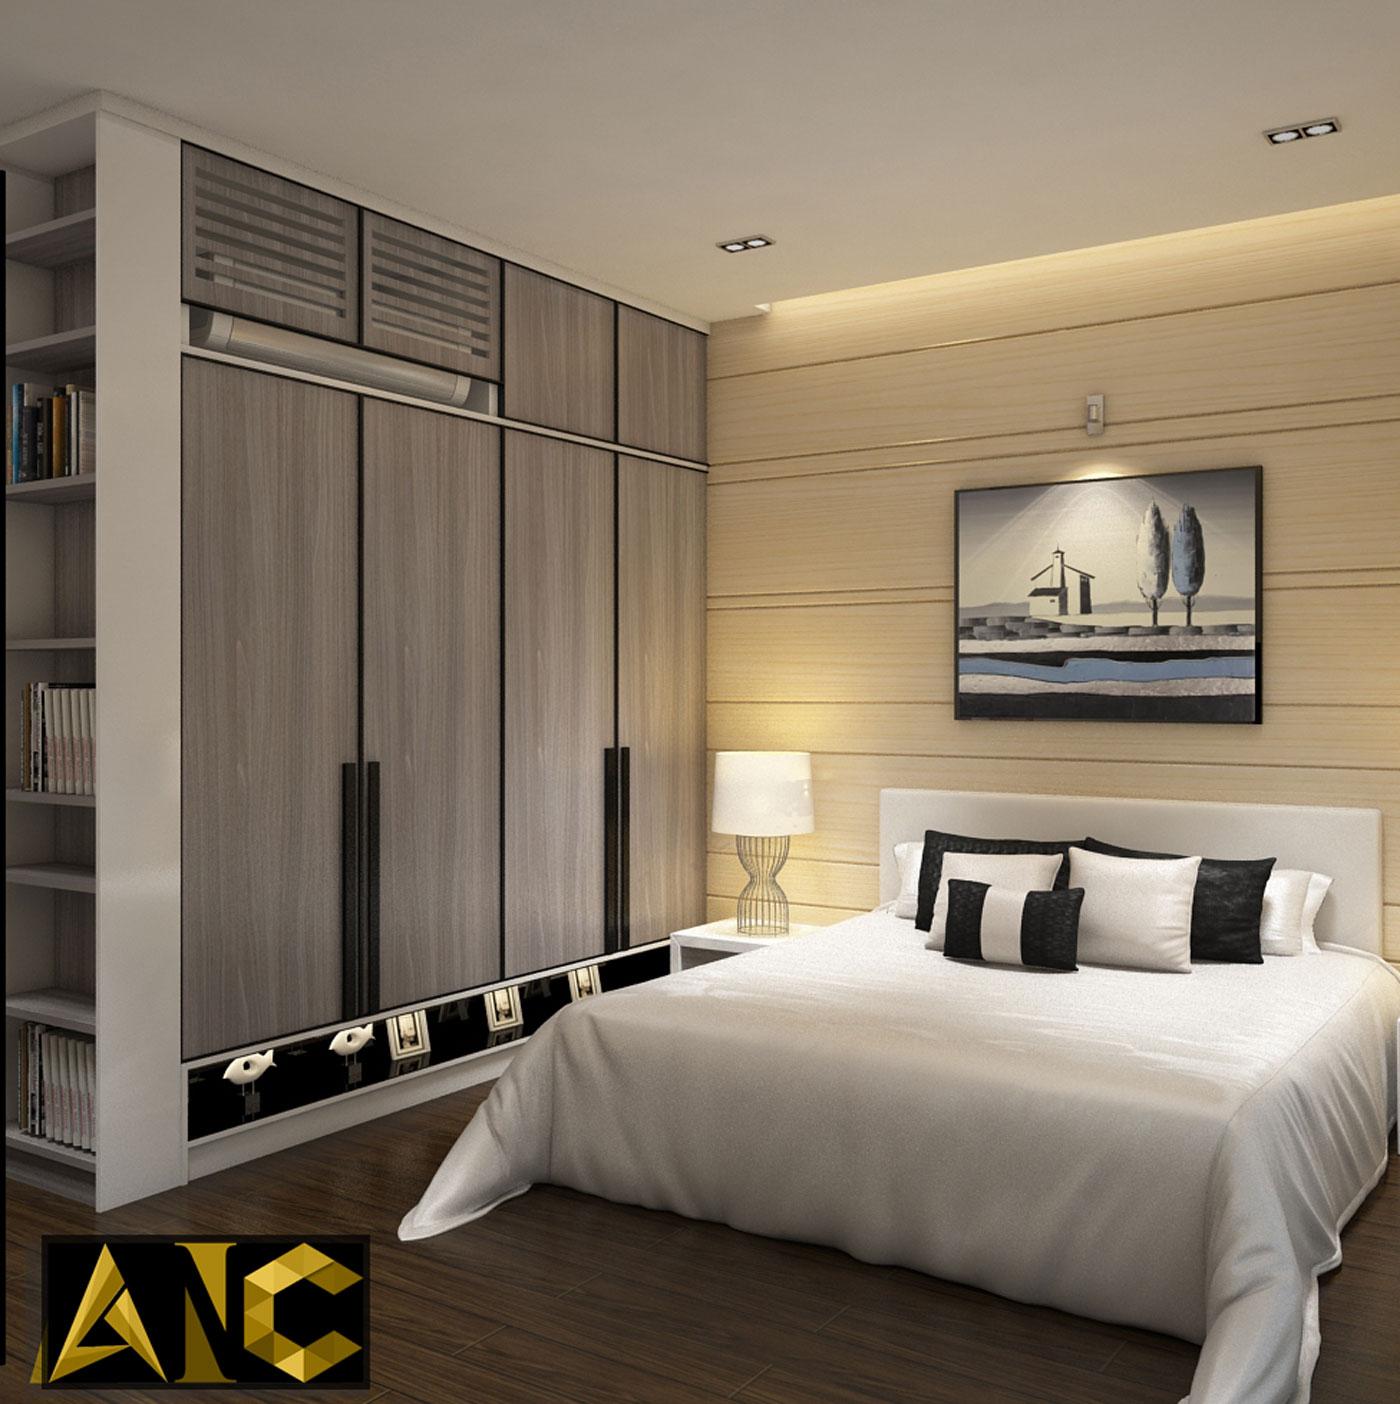 Cải tạo nhà phố Q7 - Phòng ngủ 2 view 1